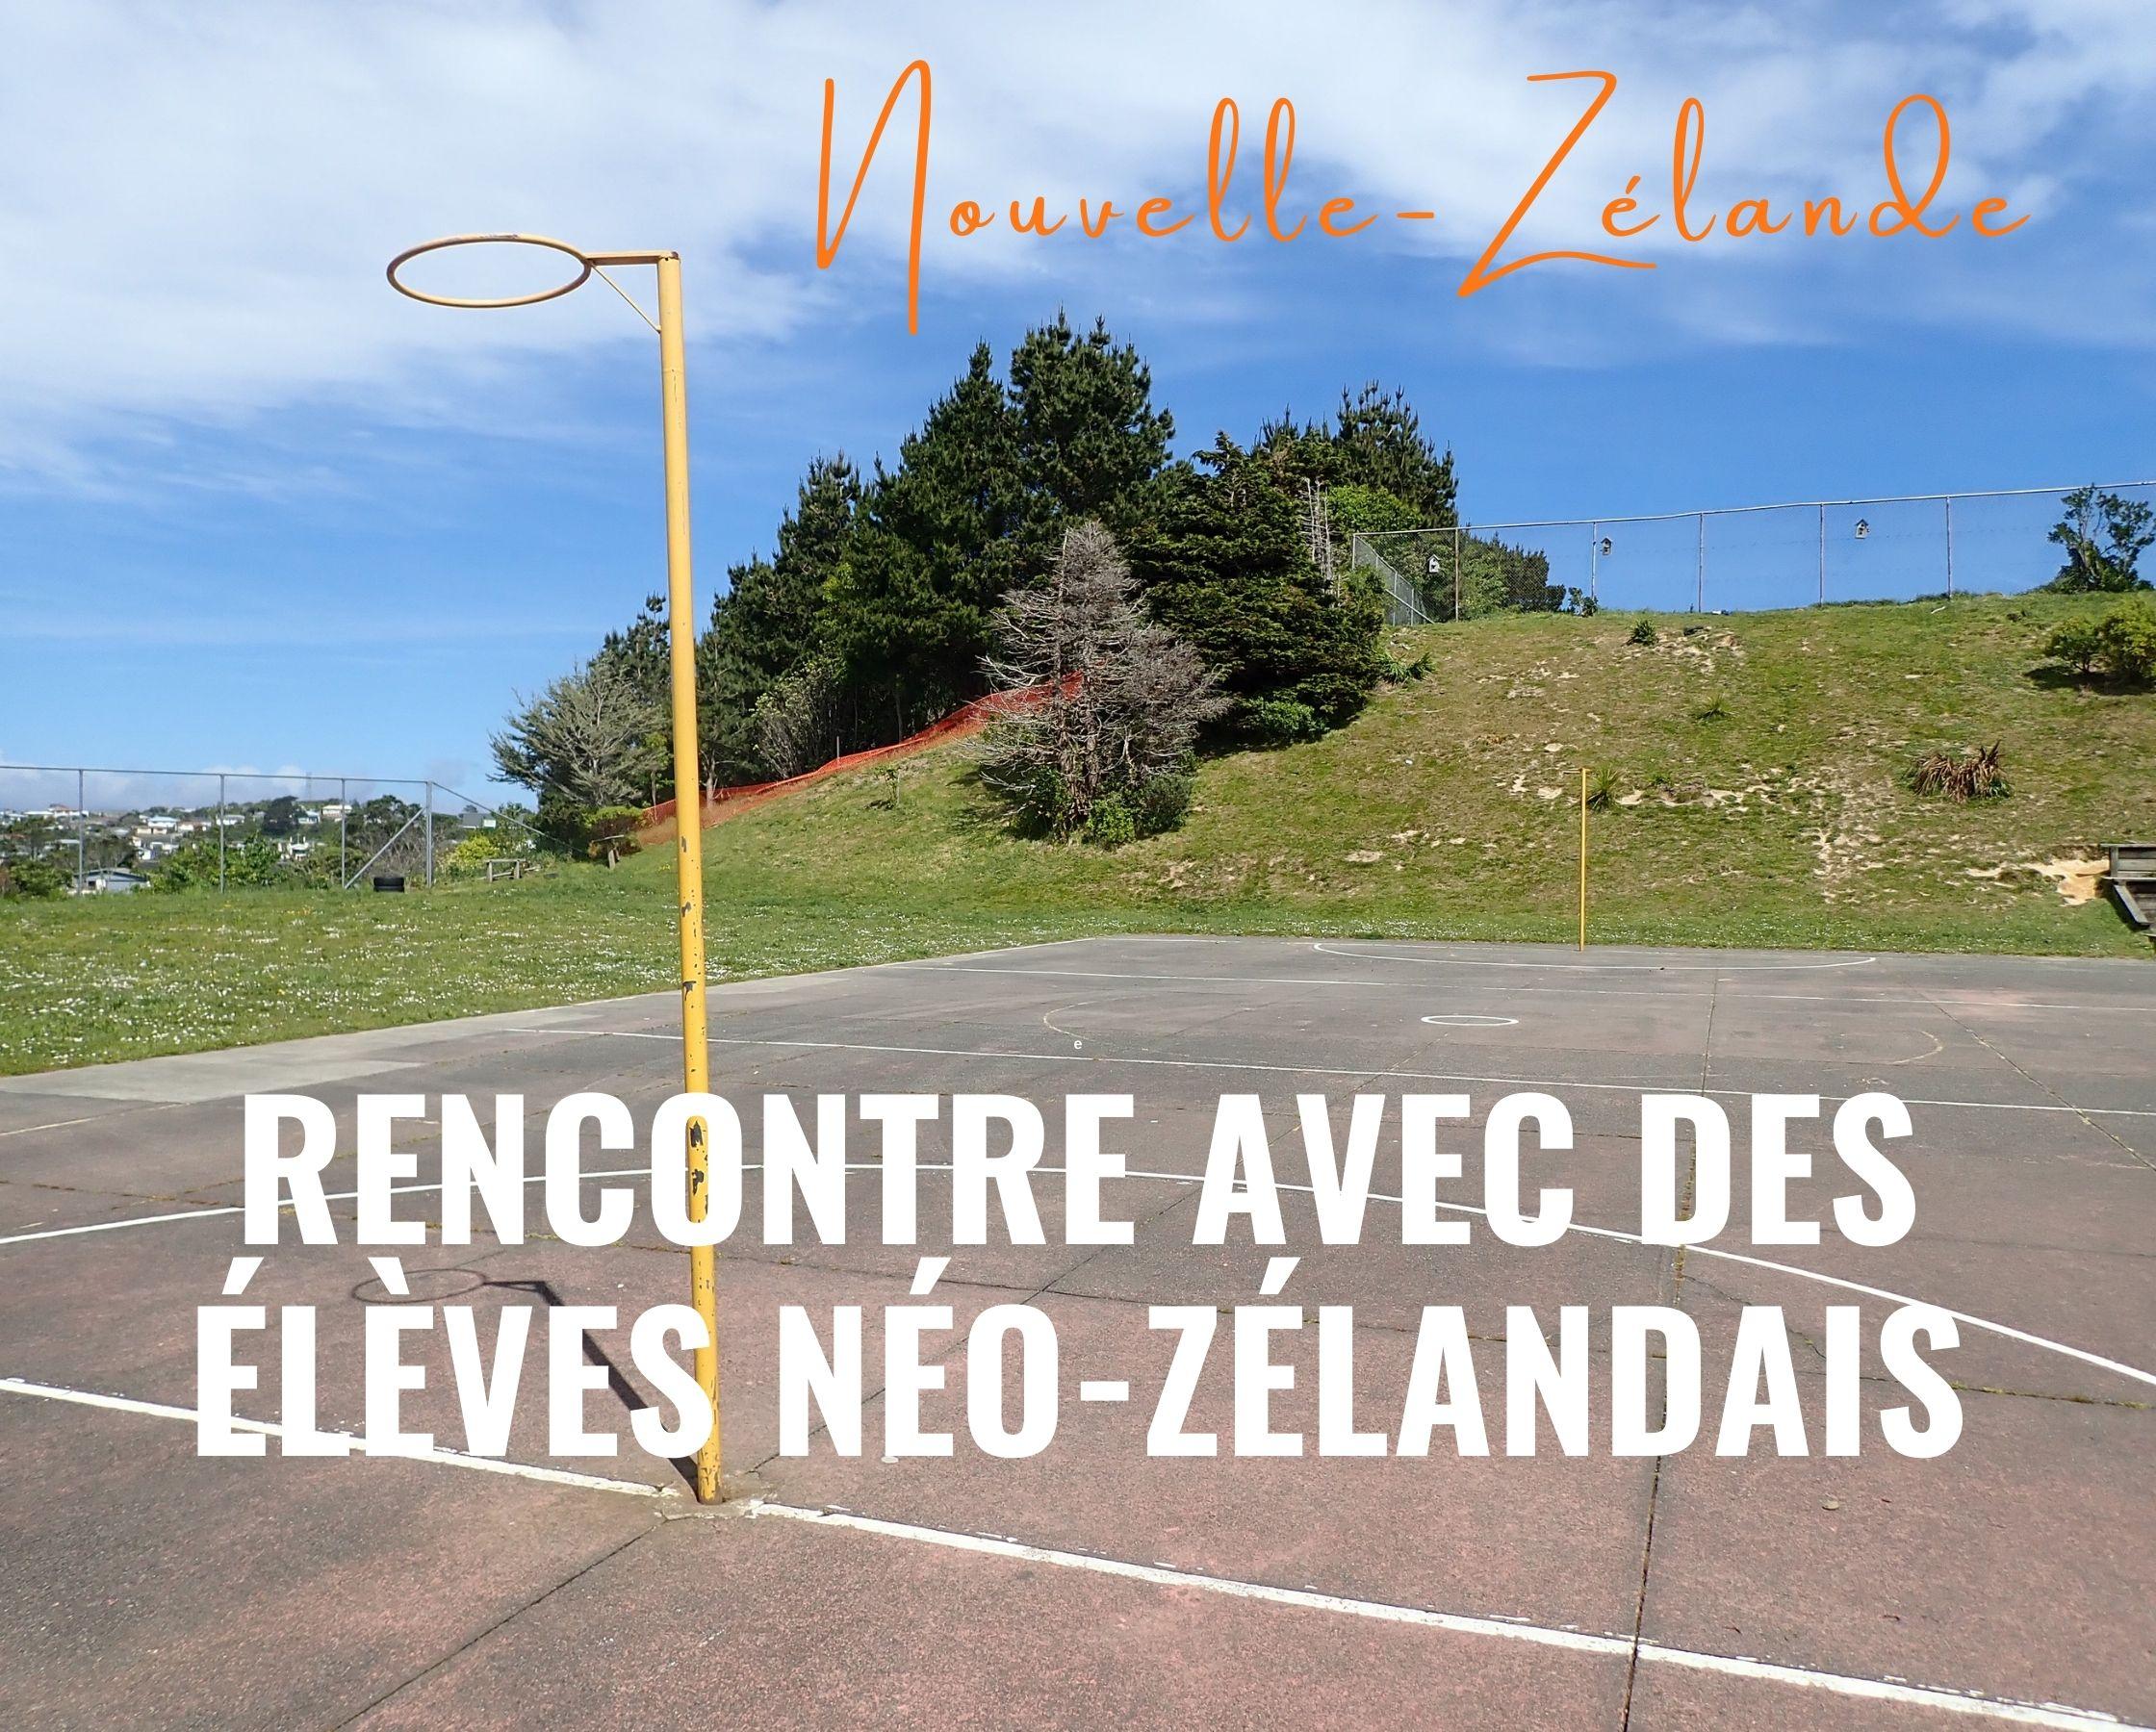 Rencontre avec des élèves néo-zélandais